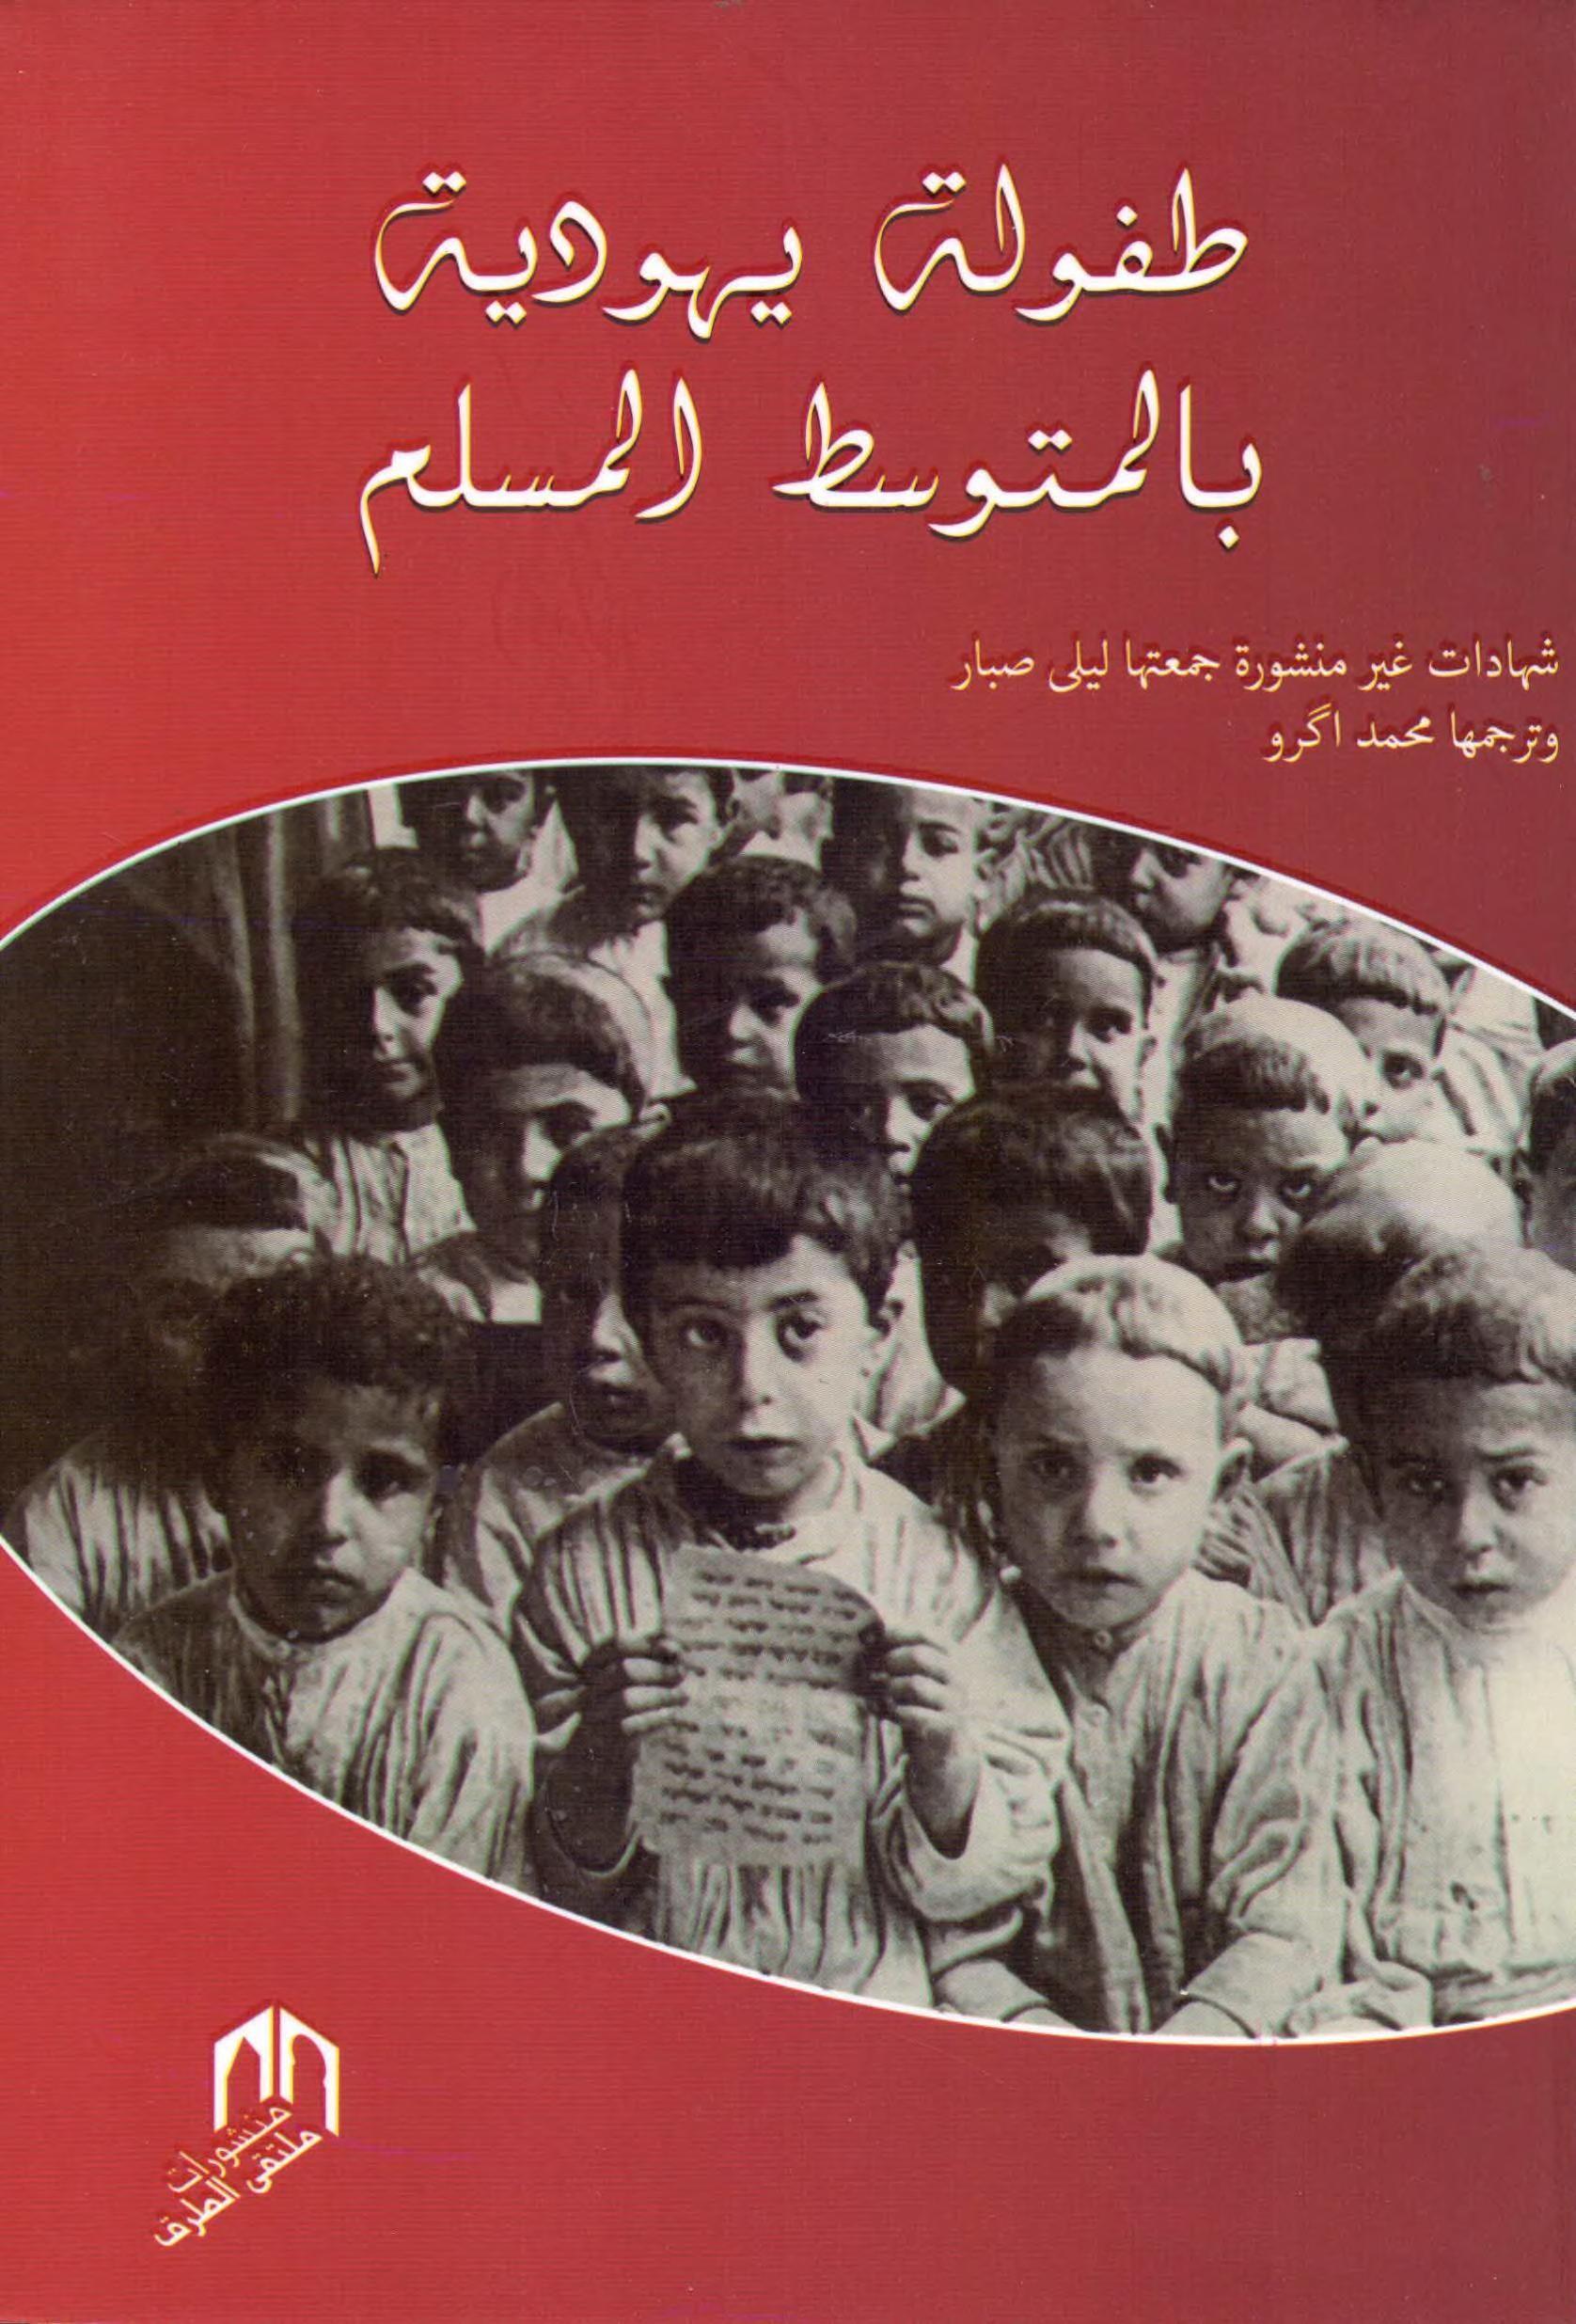 طفولة يهودية بالمتوسط المسلم ليلى صبار نورسين نوفل Free Download Borrow And Streaming Internet Archive My Books Books Pdf Books Download